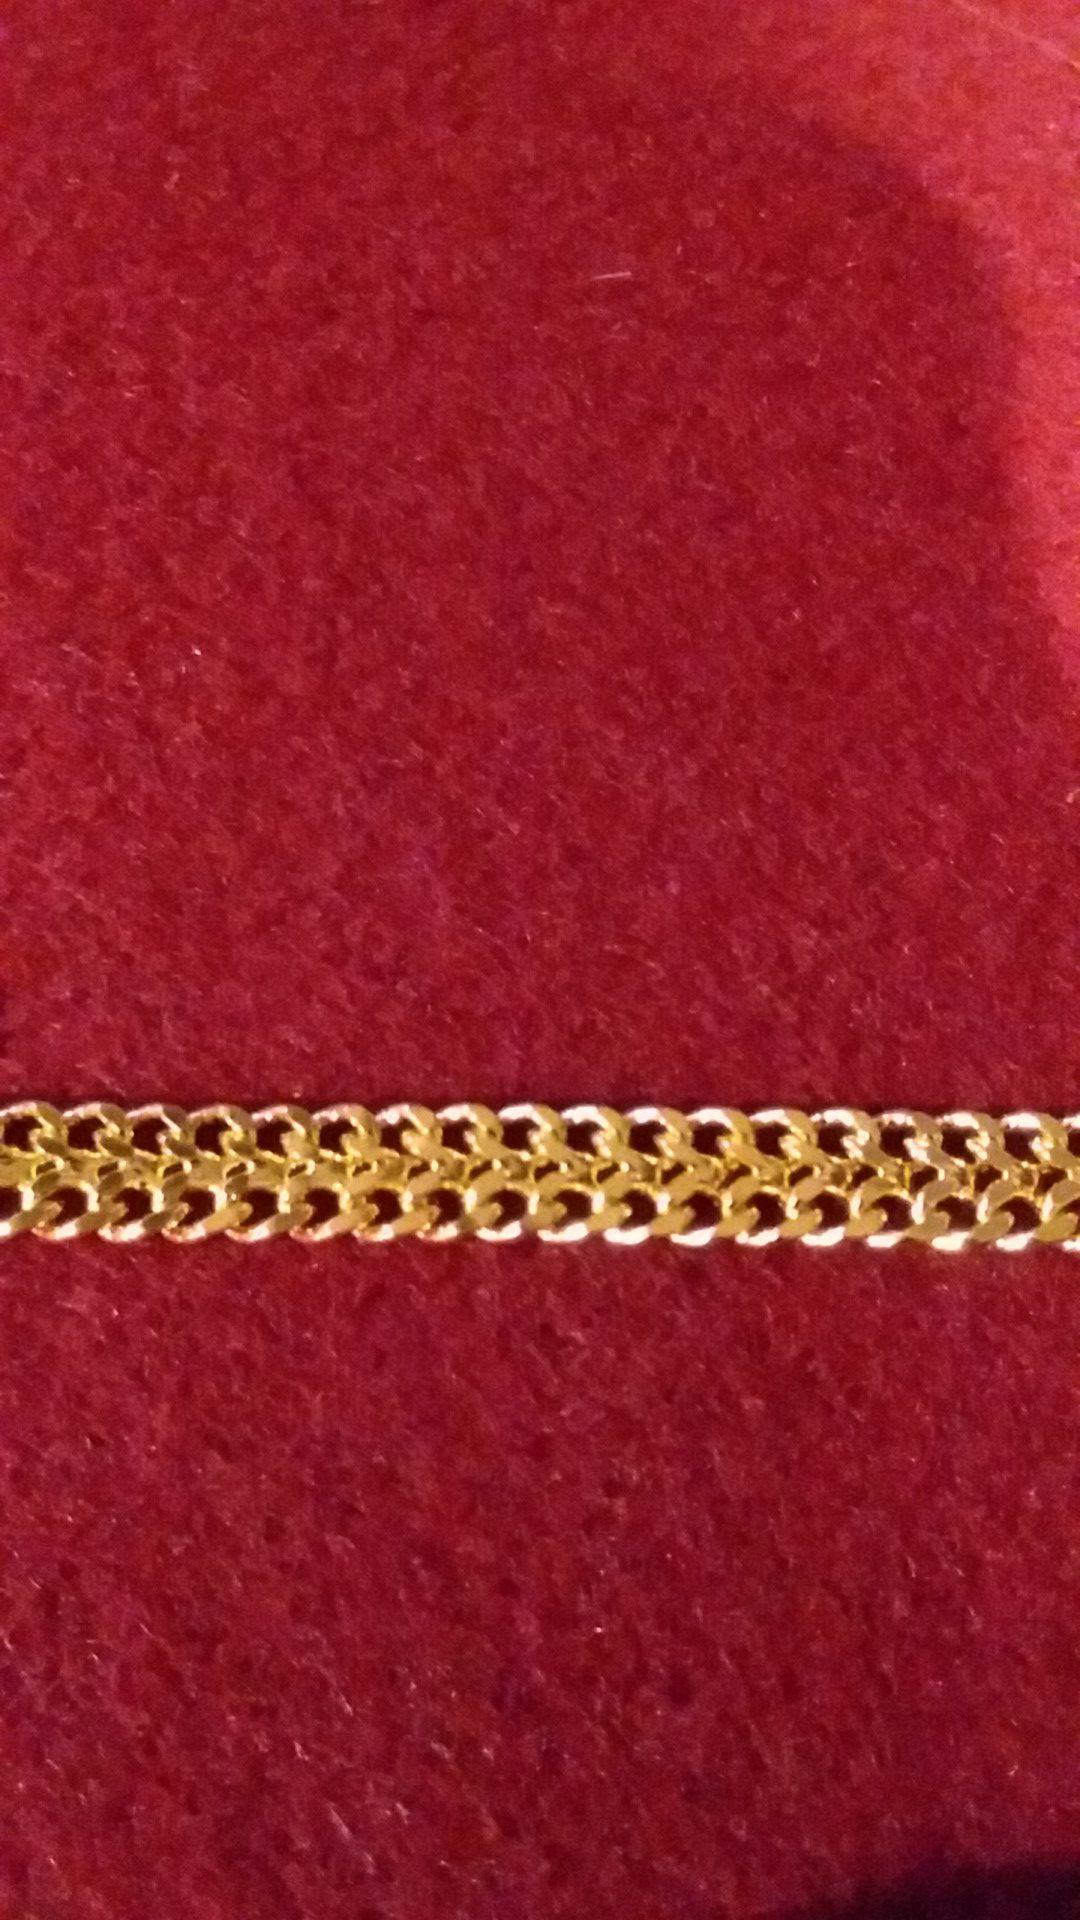 9 IN. GOLD FILLED BRACELET